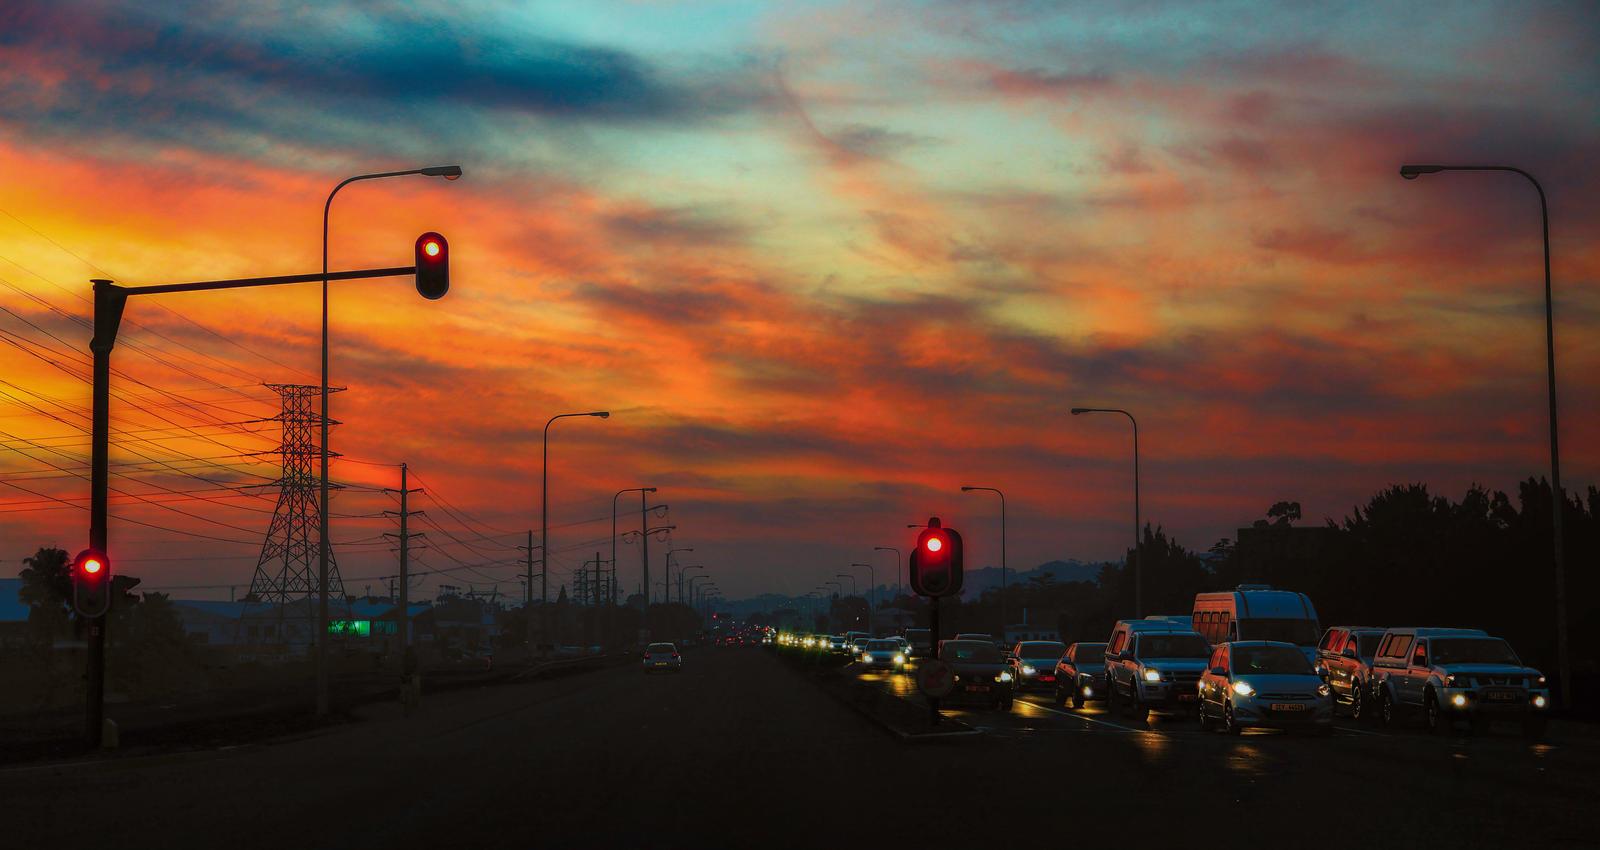 Traffic by Darth-Marlan